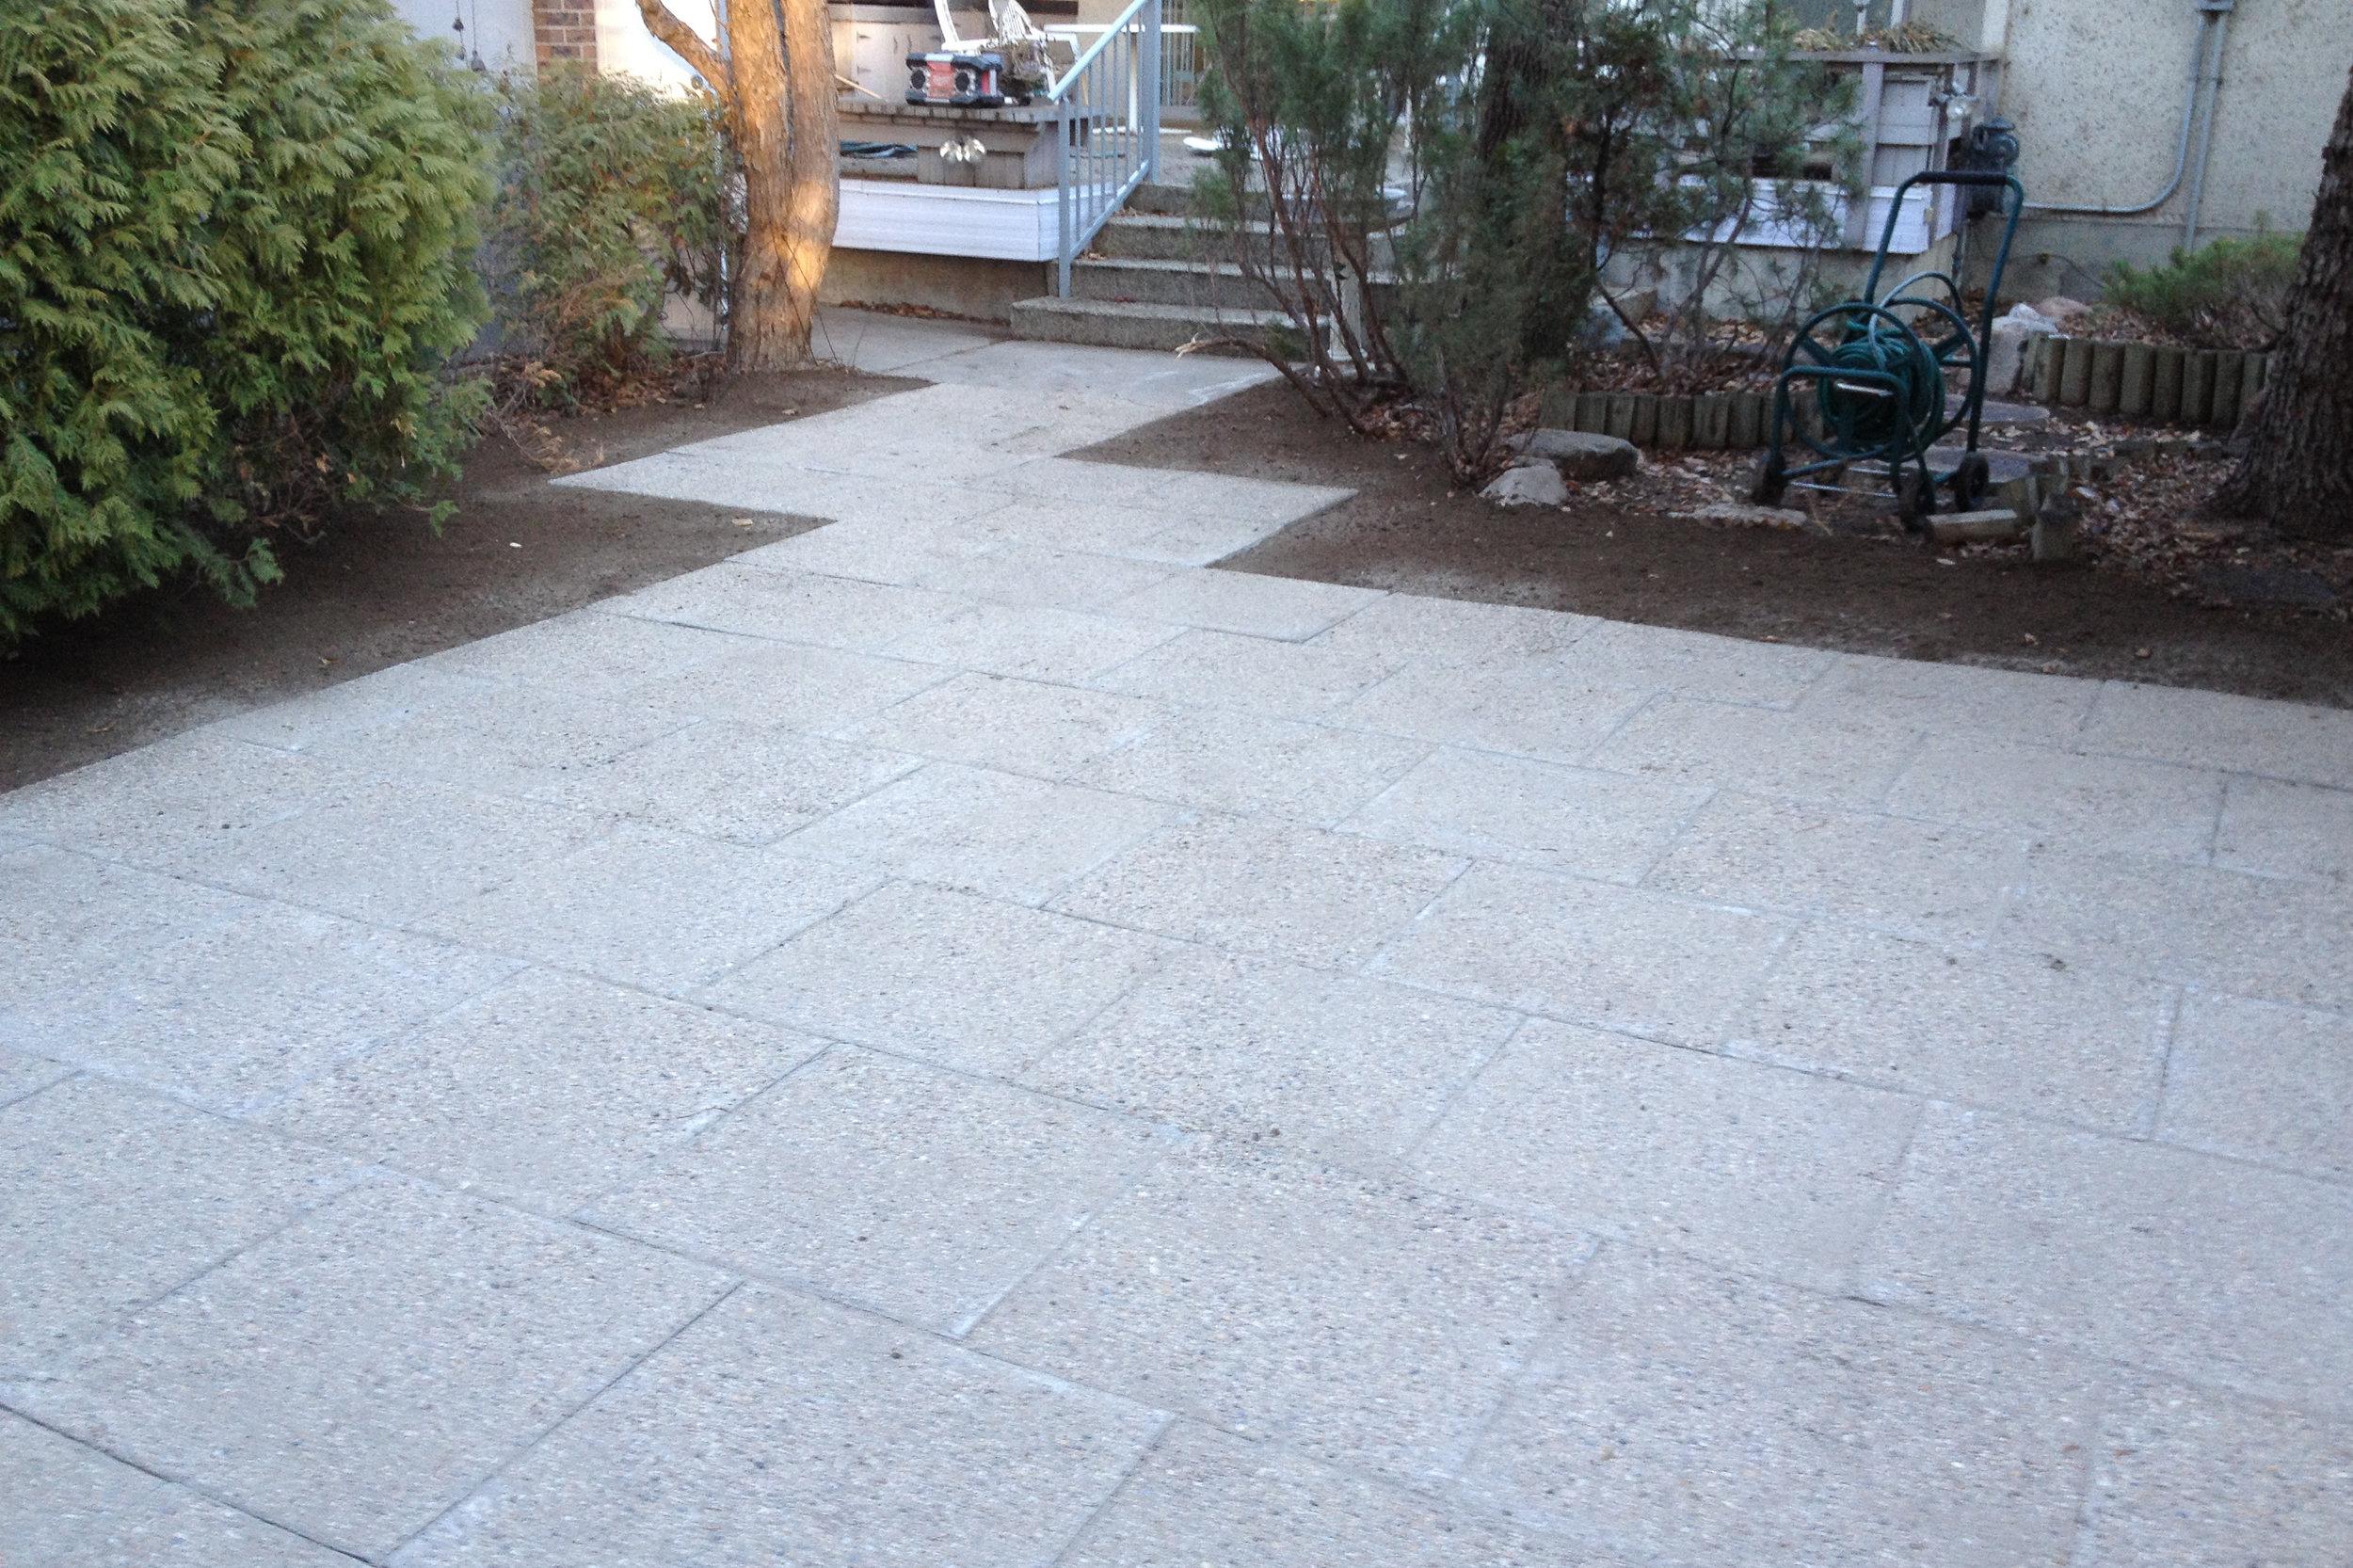 sidewalk-slabs-paving-stone.jpg